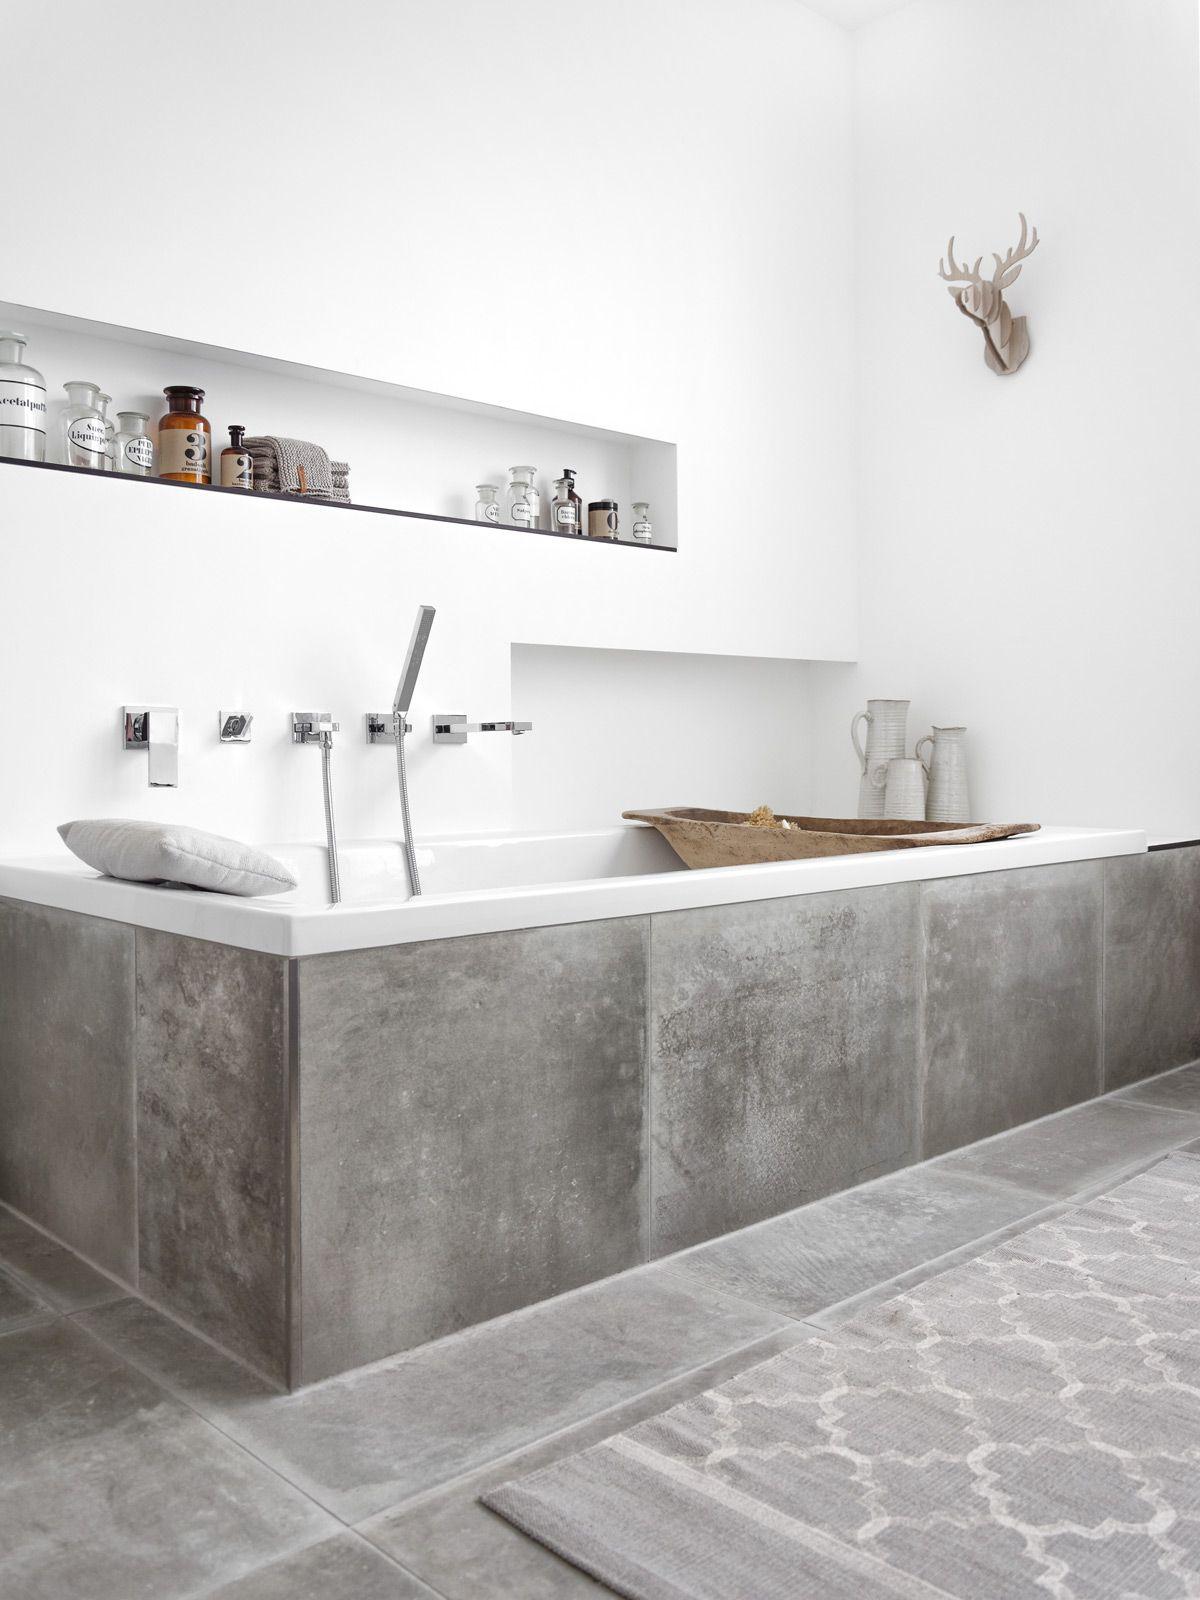 DEKORATION | Bathtub design byCOCOON.com | free standing bath | bath ...